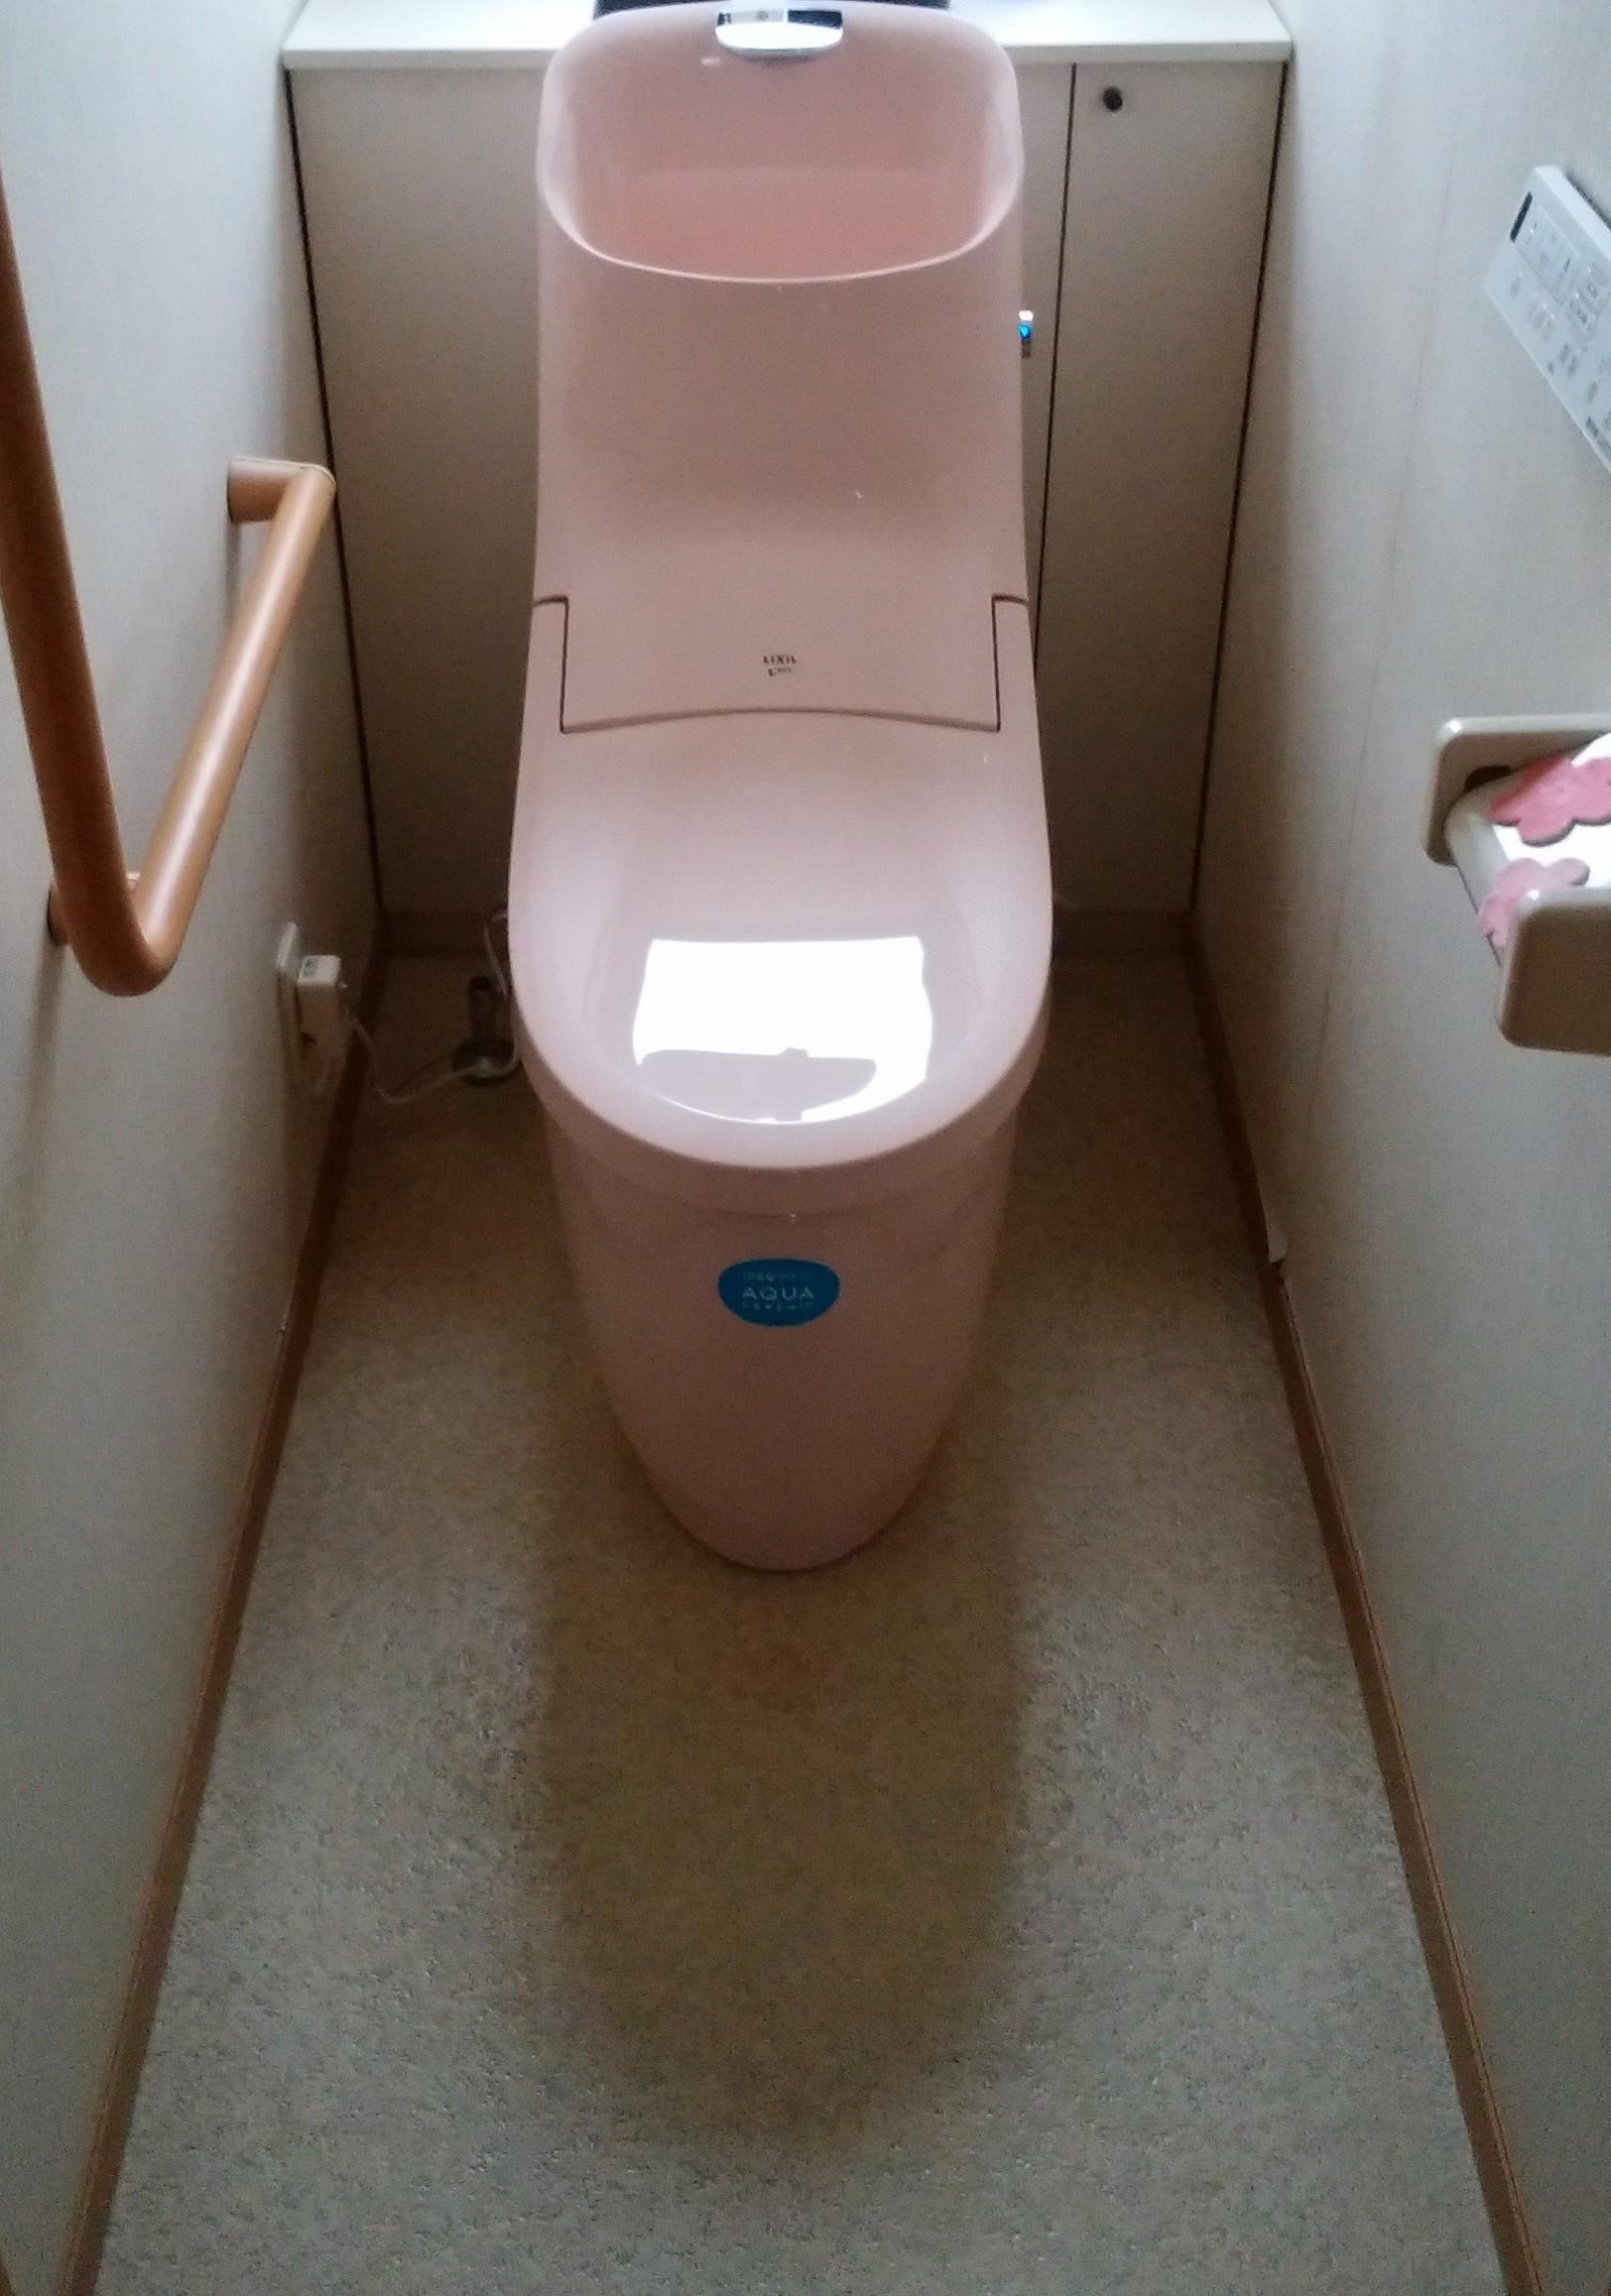 高砂市 トイレを節水型のタイプに取替え